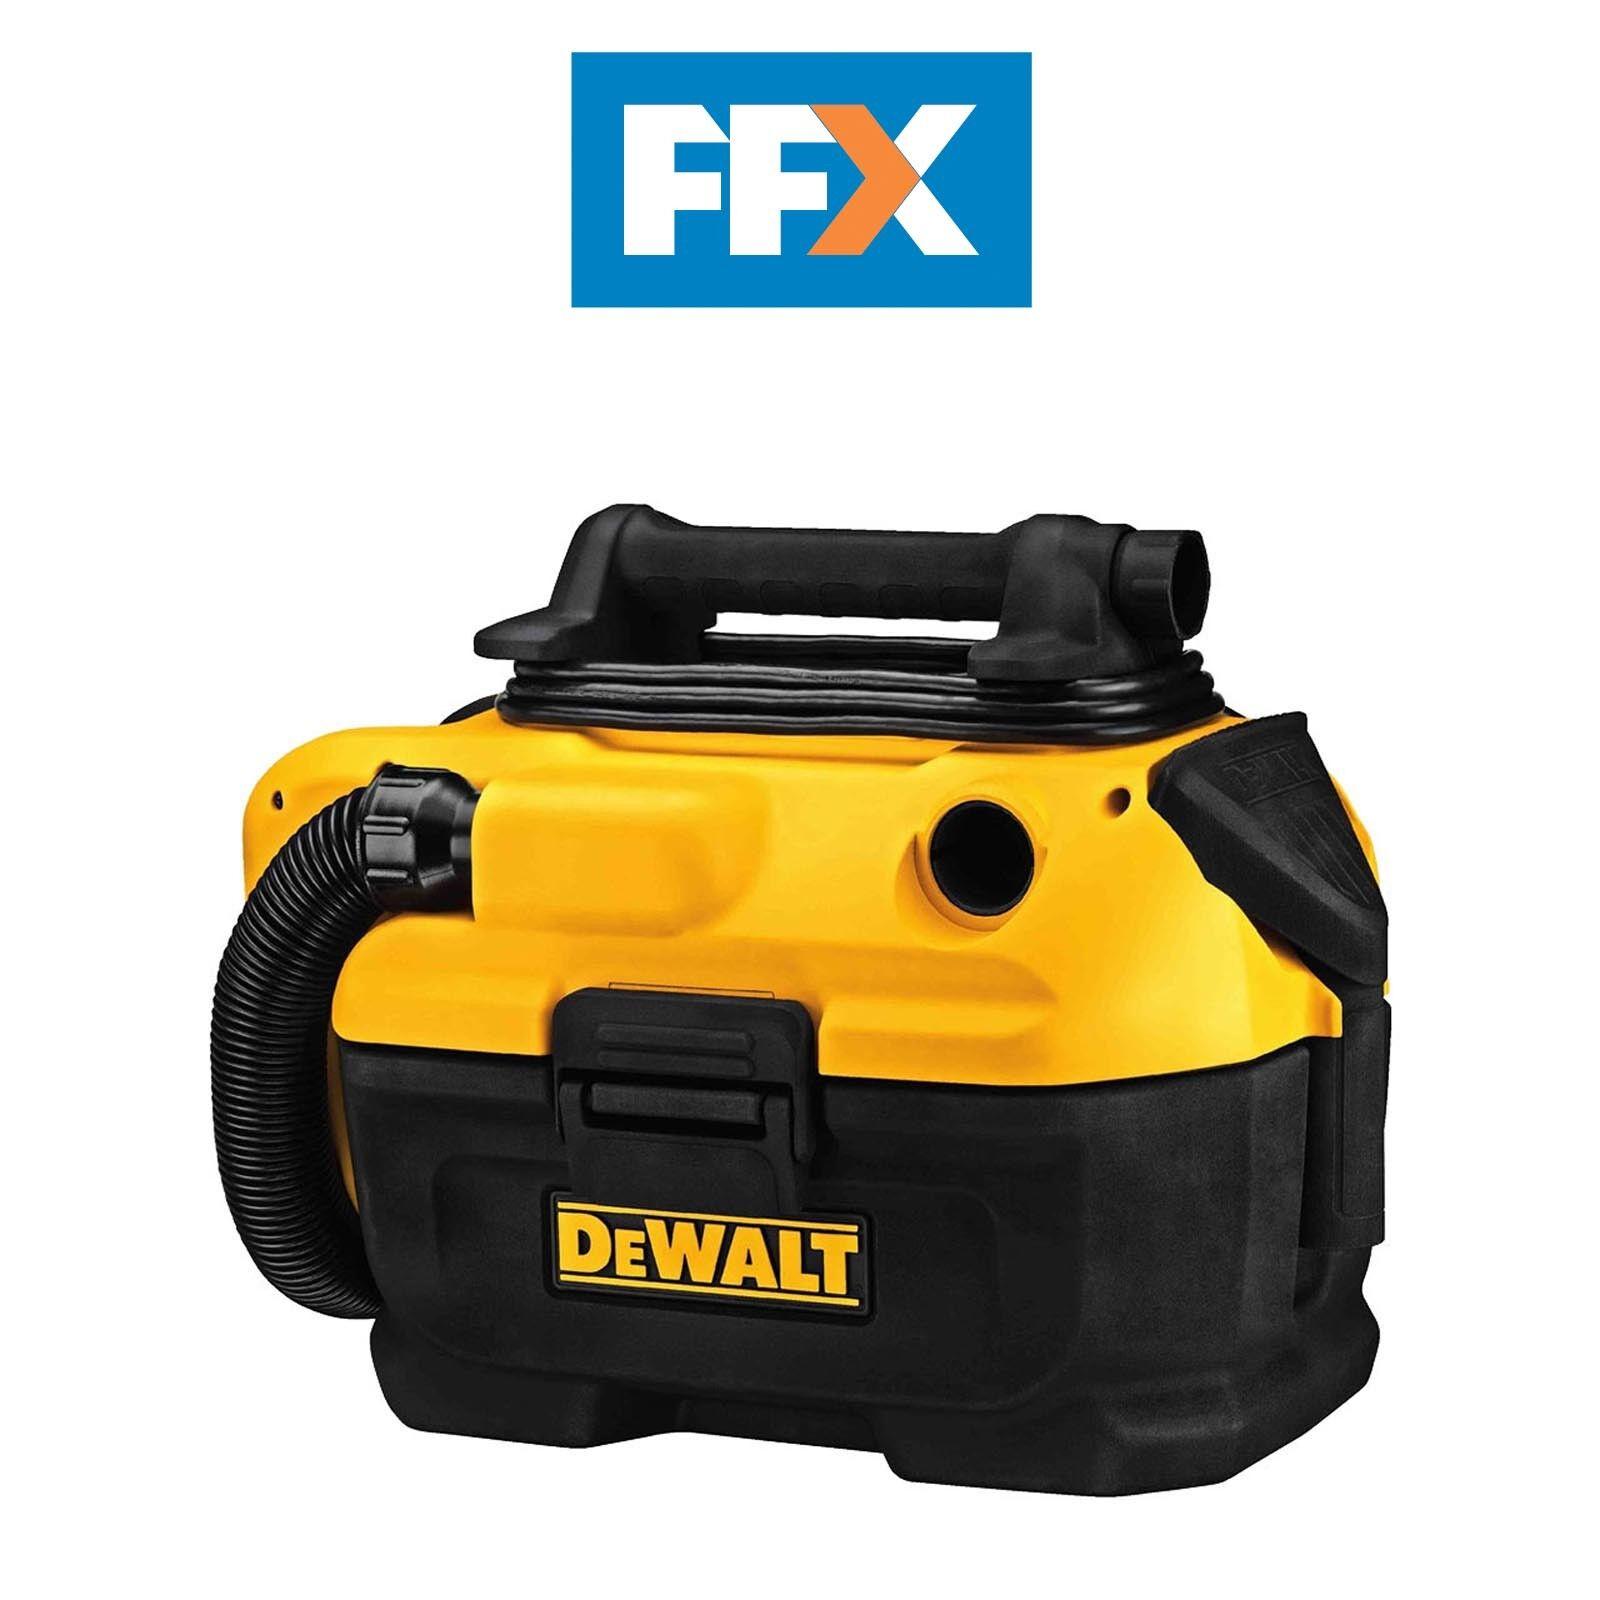 DeWalt DCV584L-GB 18V XR Flexvolt L-Class Vacuum Bare Unit Flex Volt